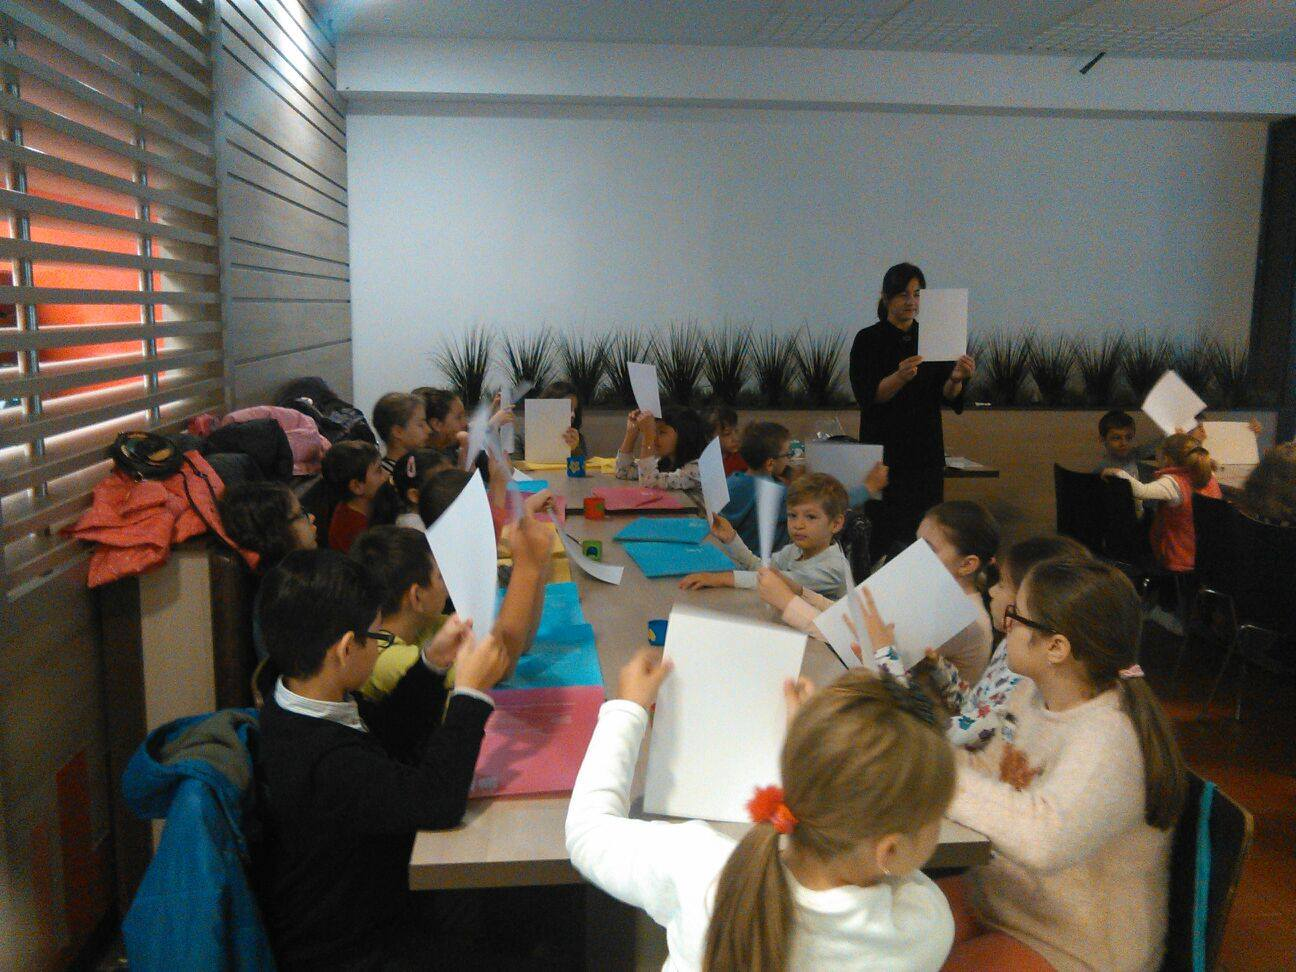 ATELIER-CREATIV-RECREATIV-2017-activitati-pentru-copii-Arena-Mall-invatatoarea-Lidia-Sabau-concursuri-pictura-activitati-Bacau